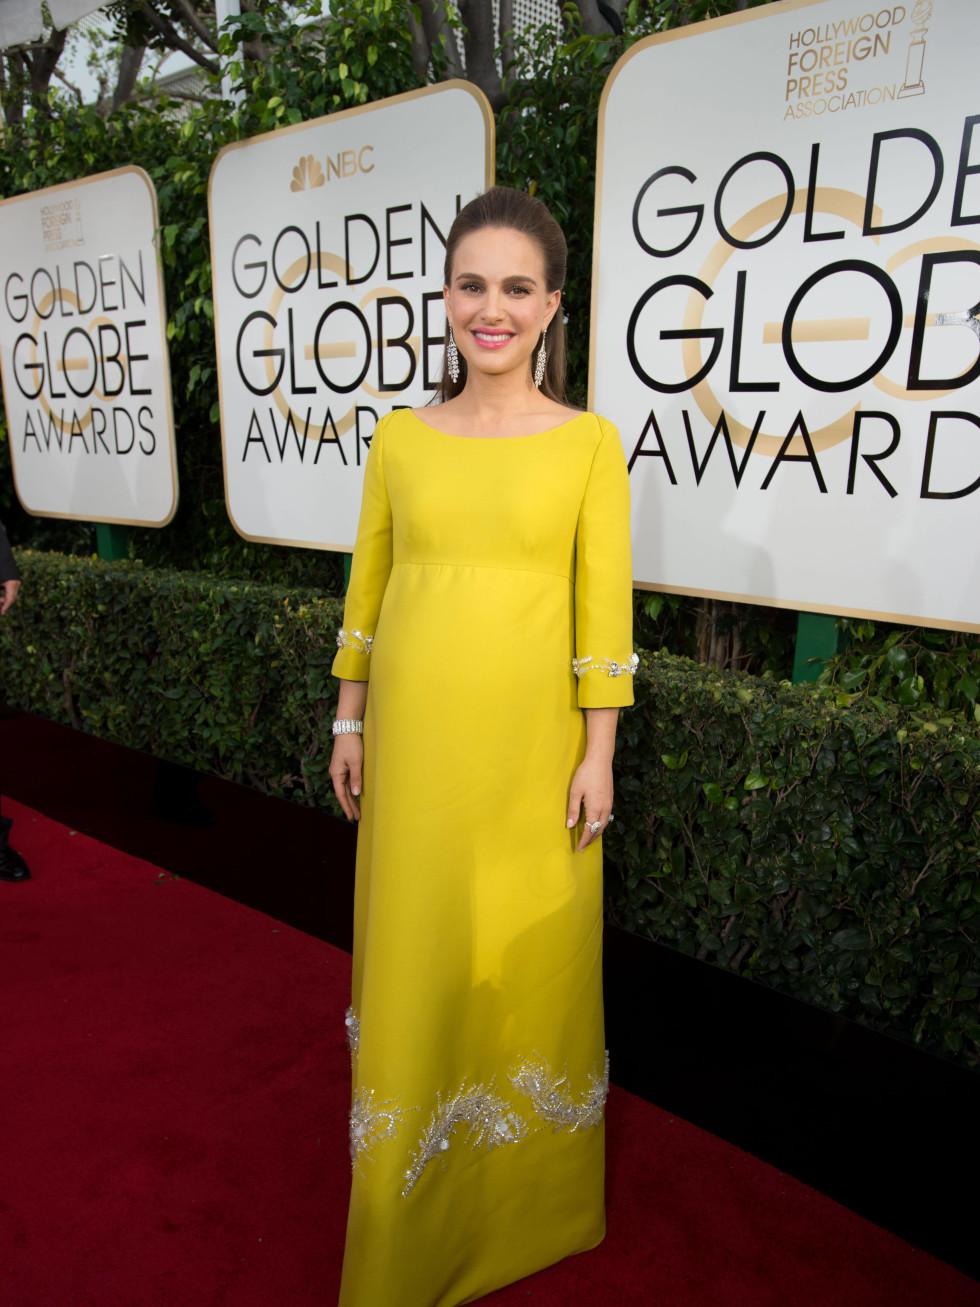 Natalie Portman at Golden Globes 2017